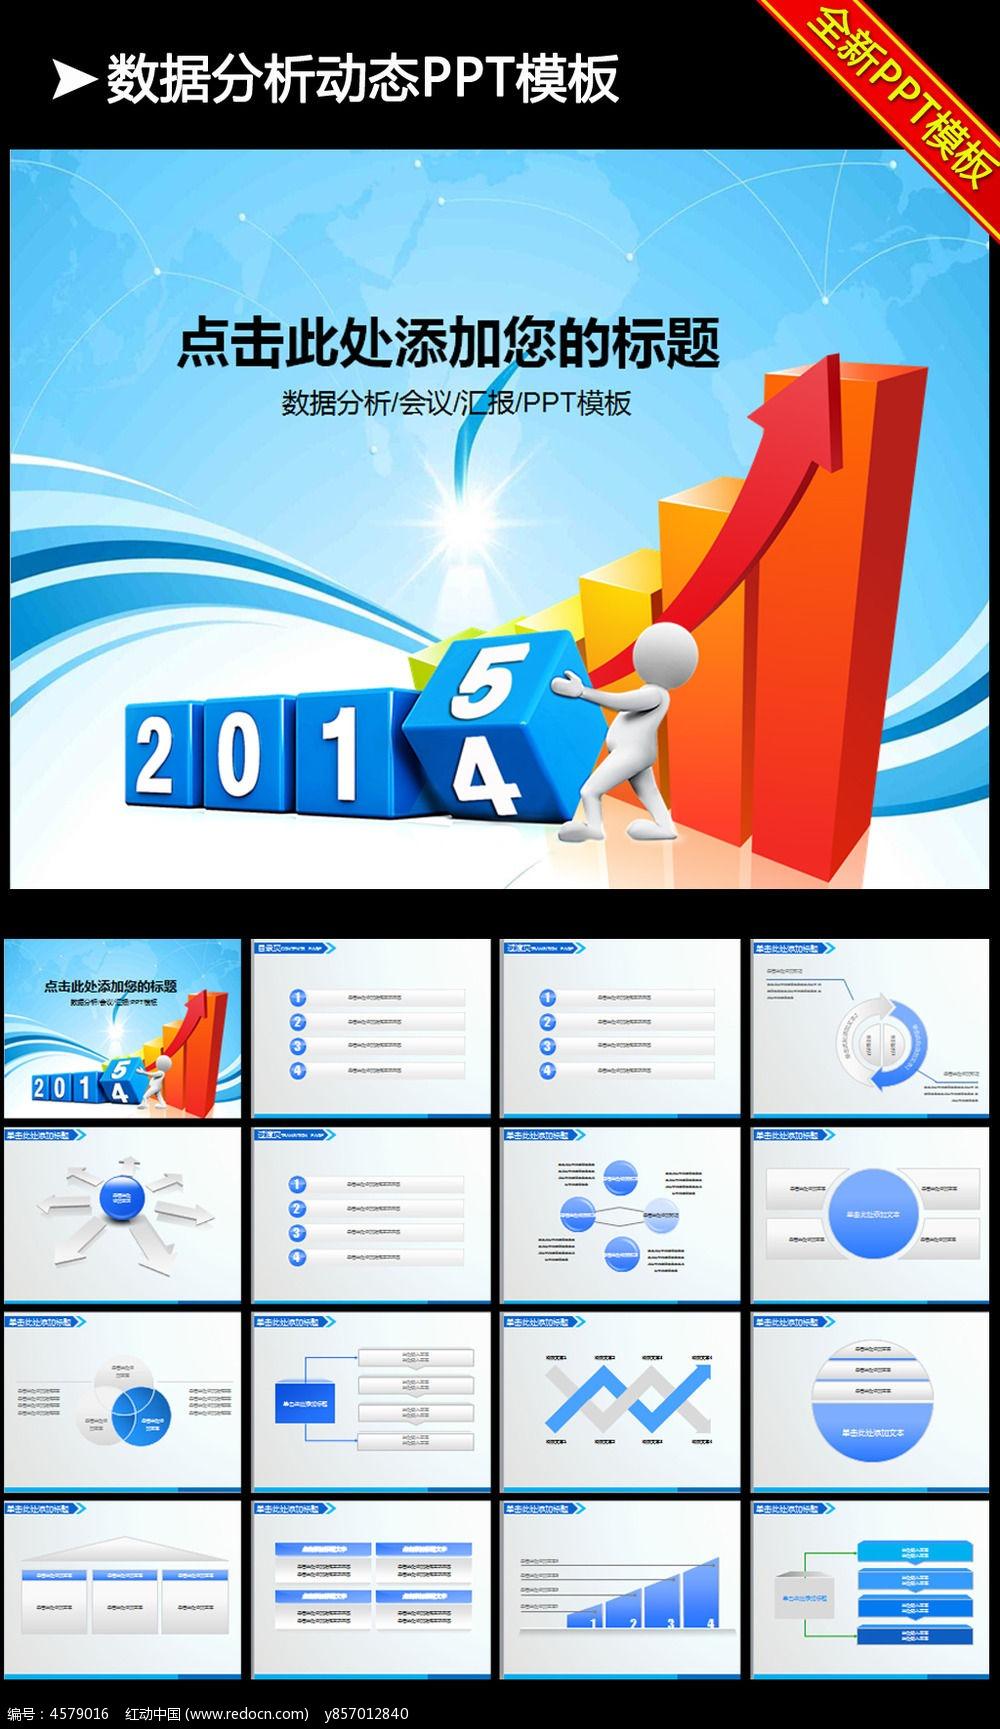 2015年工作总结业绩数据分析ppt模板